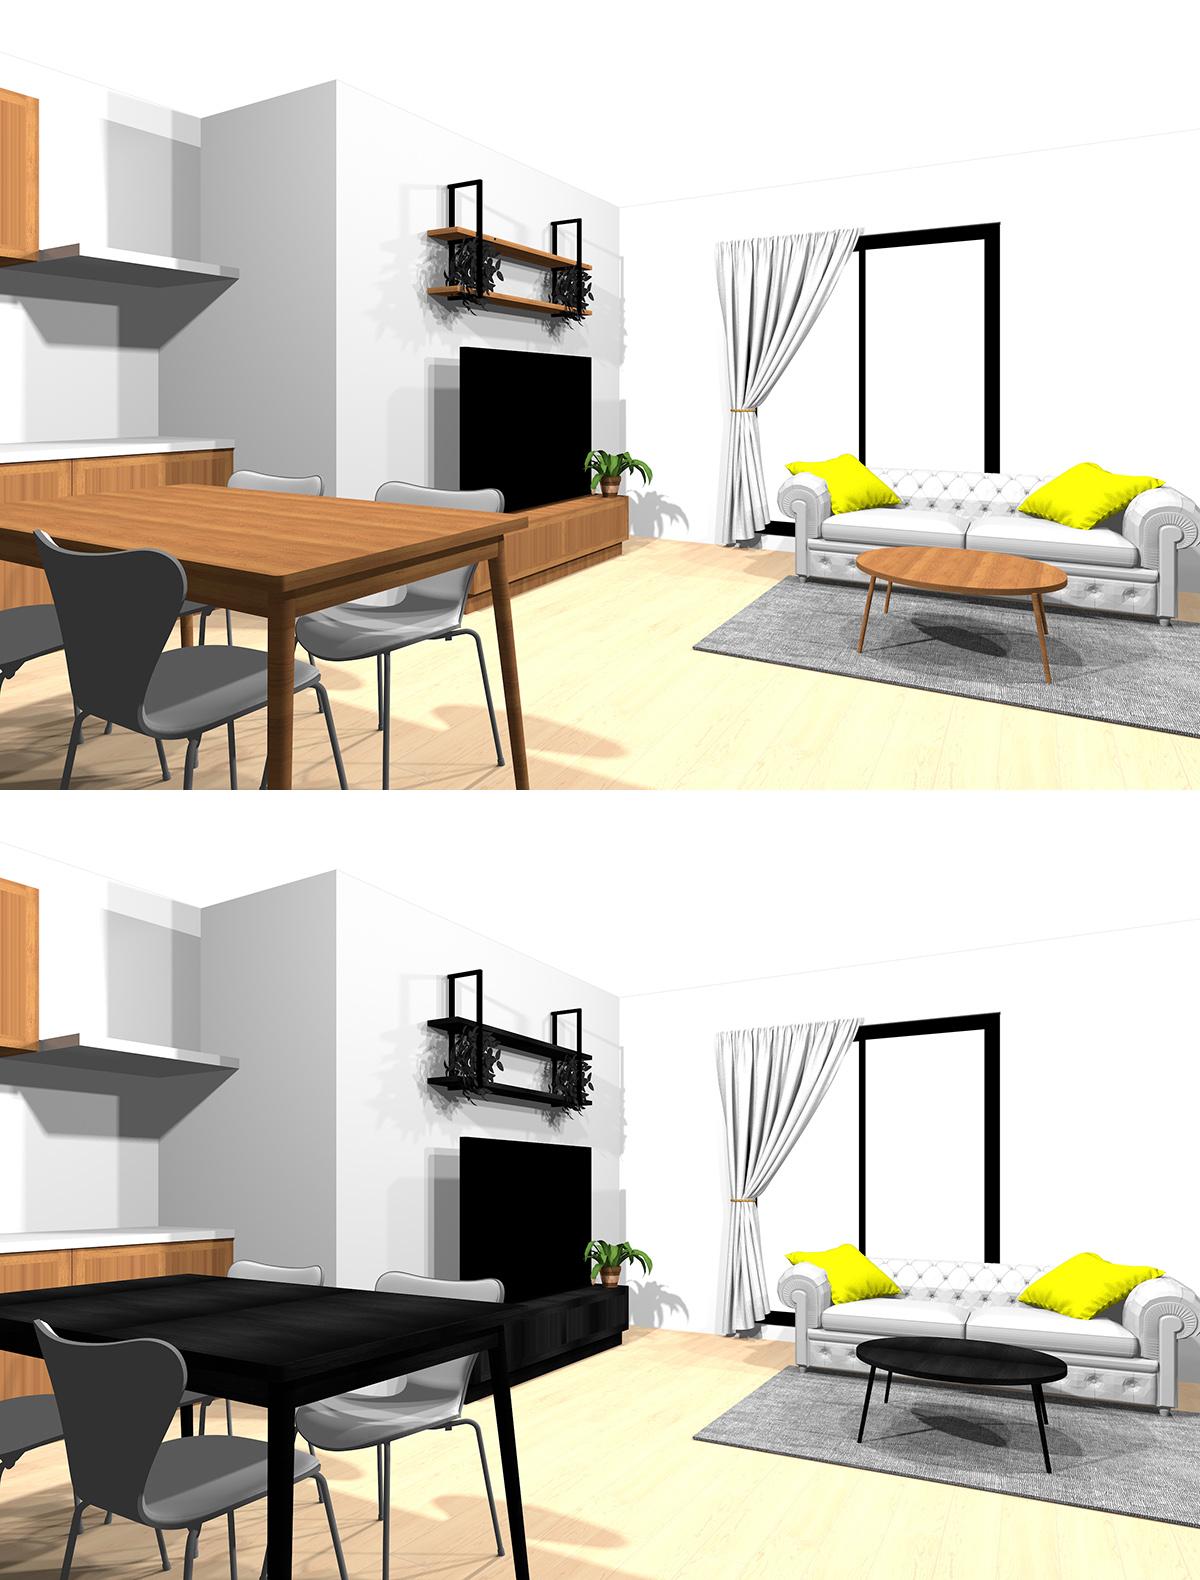 茶色の木目調の家具と黒の木目調の家具の比較パース